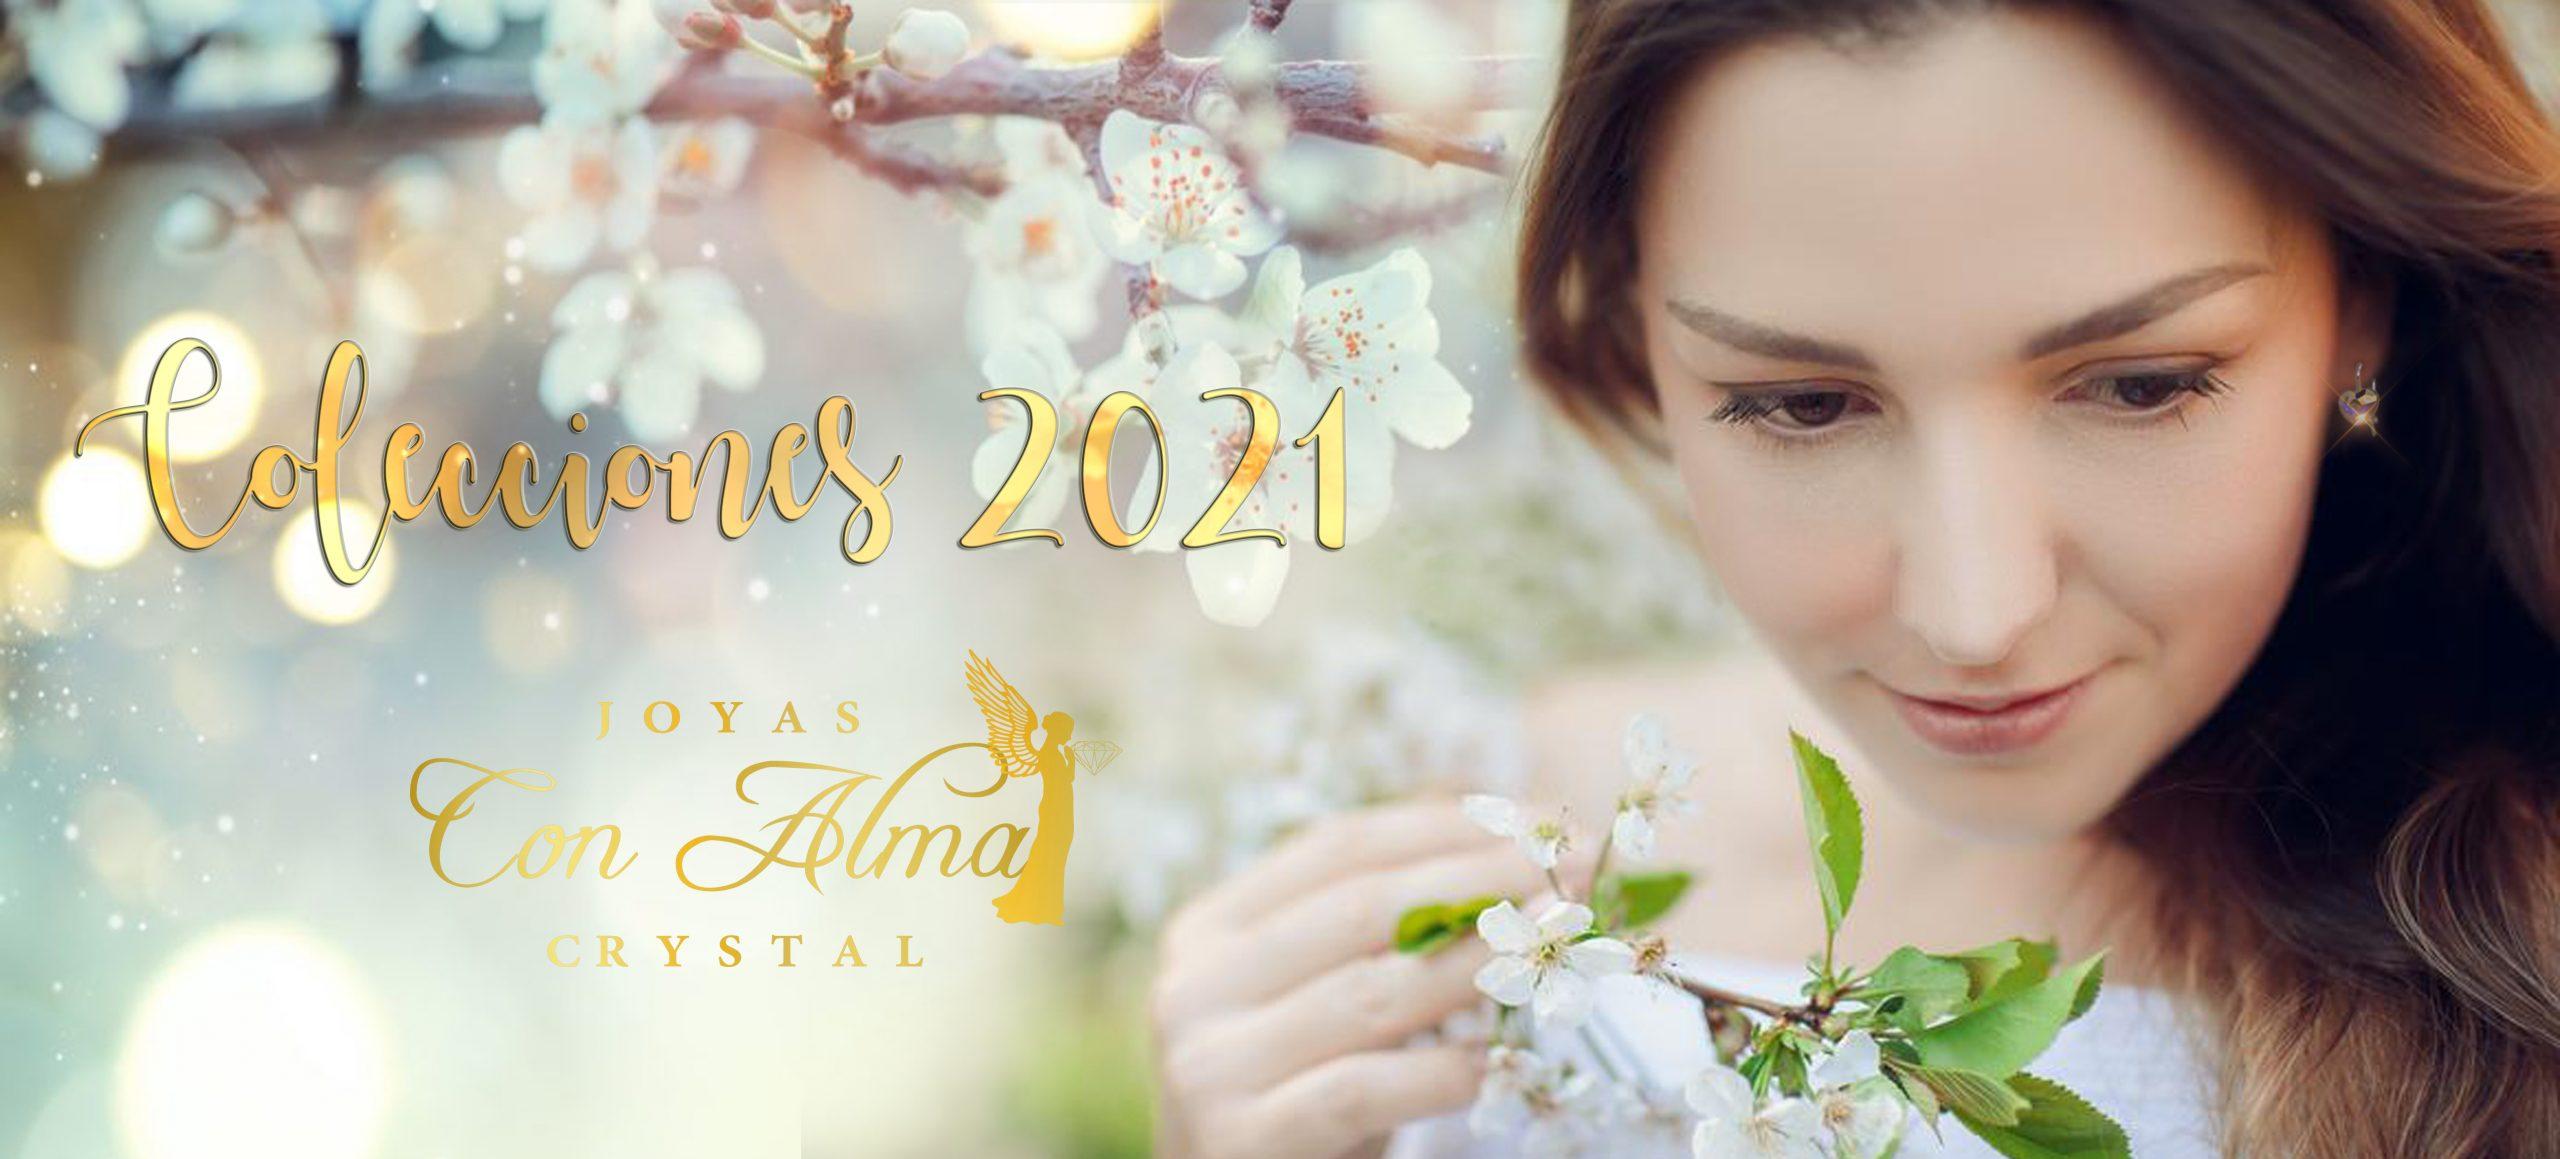 Portada Colecciones 2021 joyas con alma crystal copia